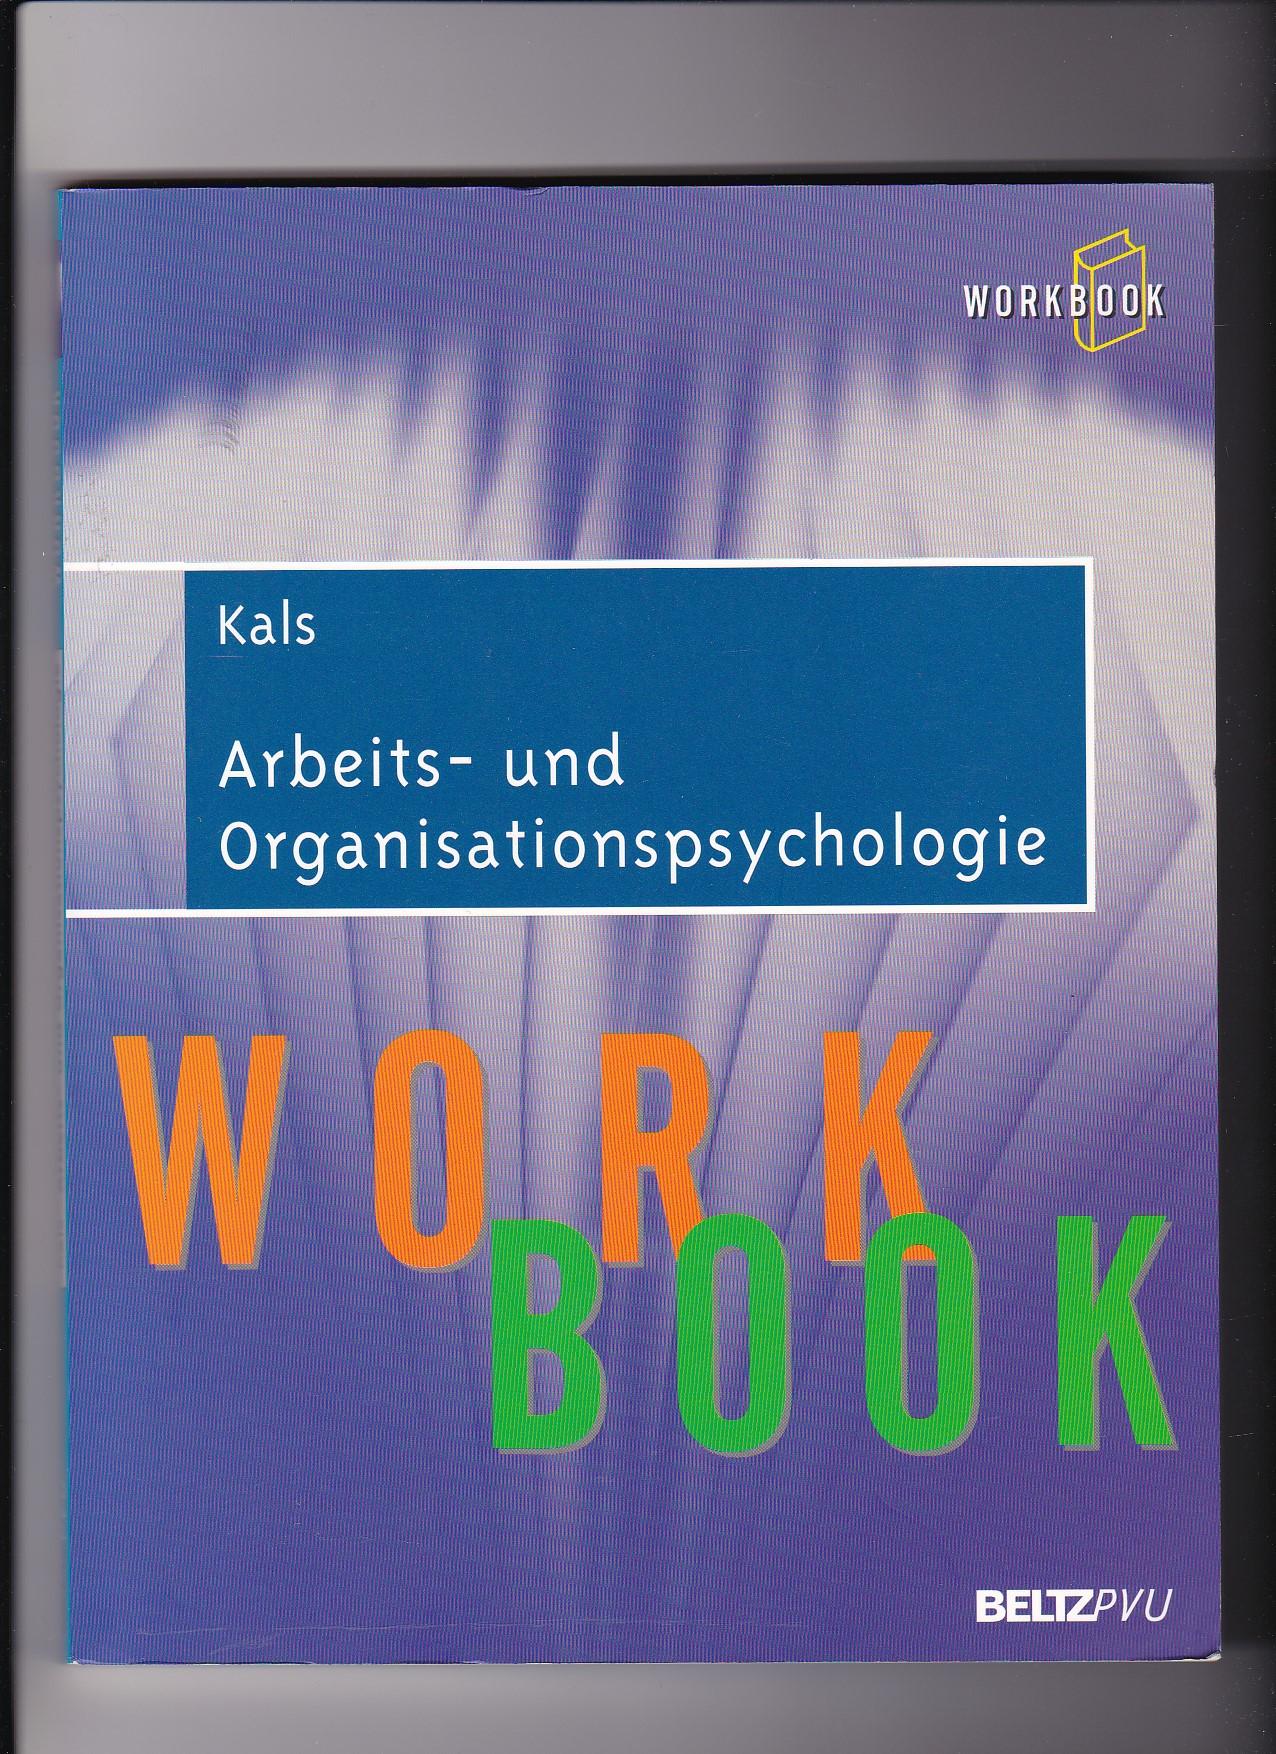 Elisabeth Kals, Arbeits- und Organisationspsychologie - Workbook - Kals, Elisabeth (Verfasser)